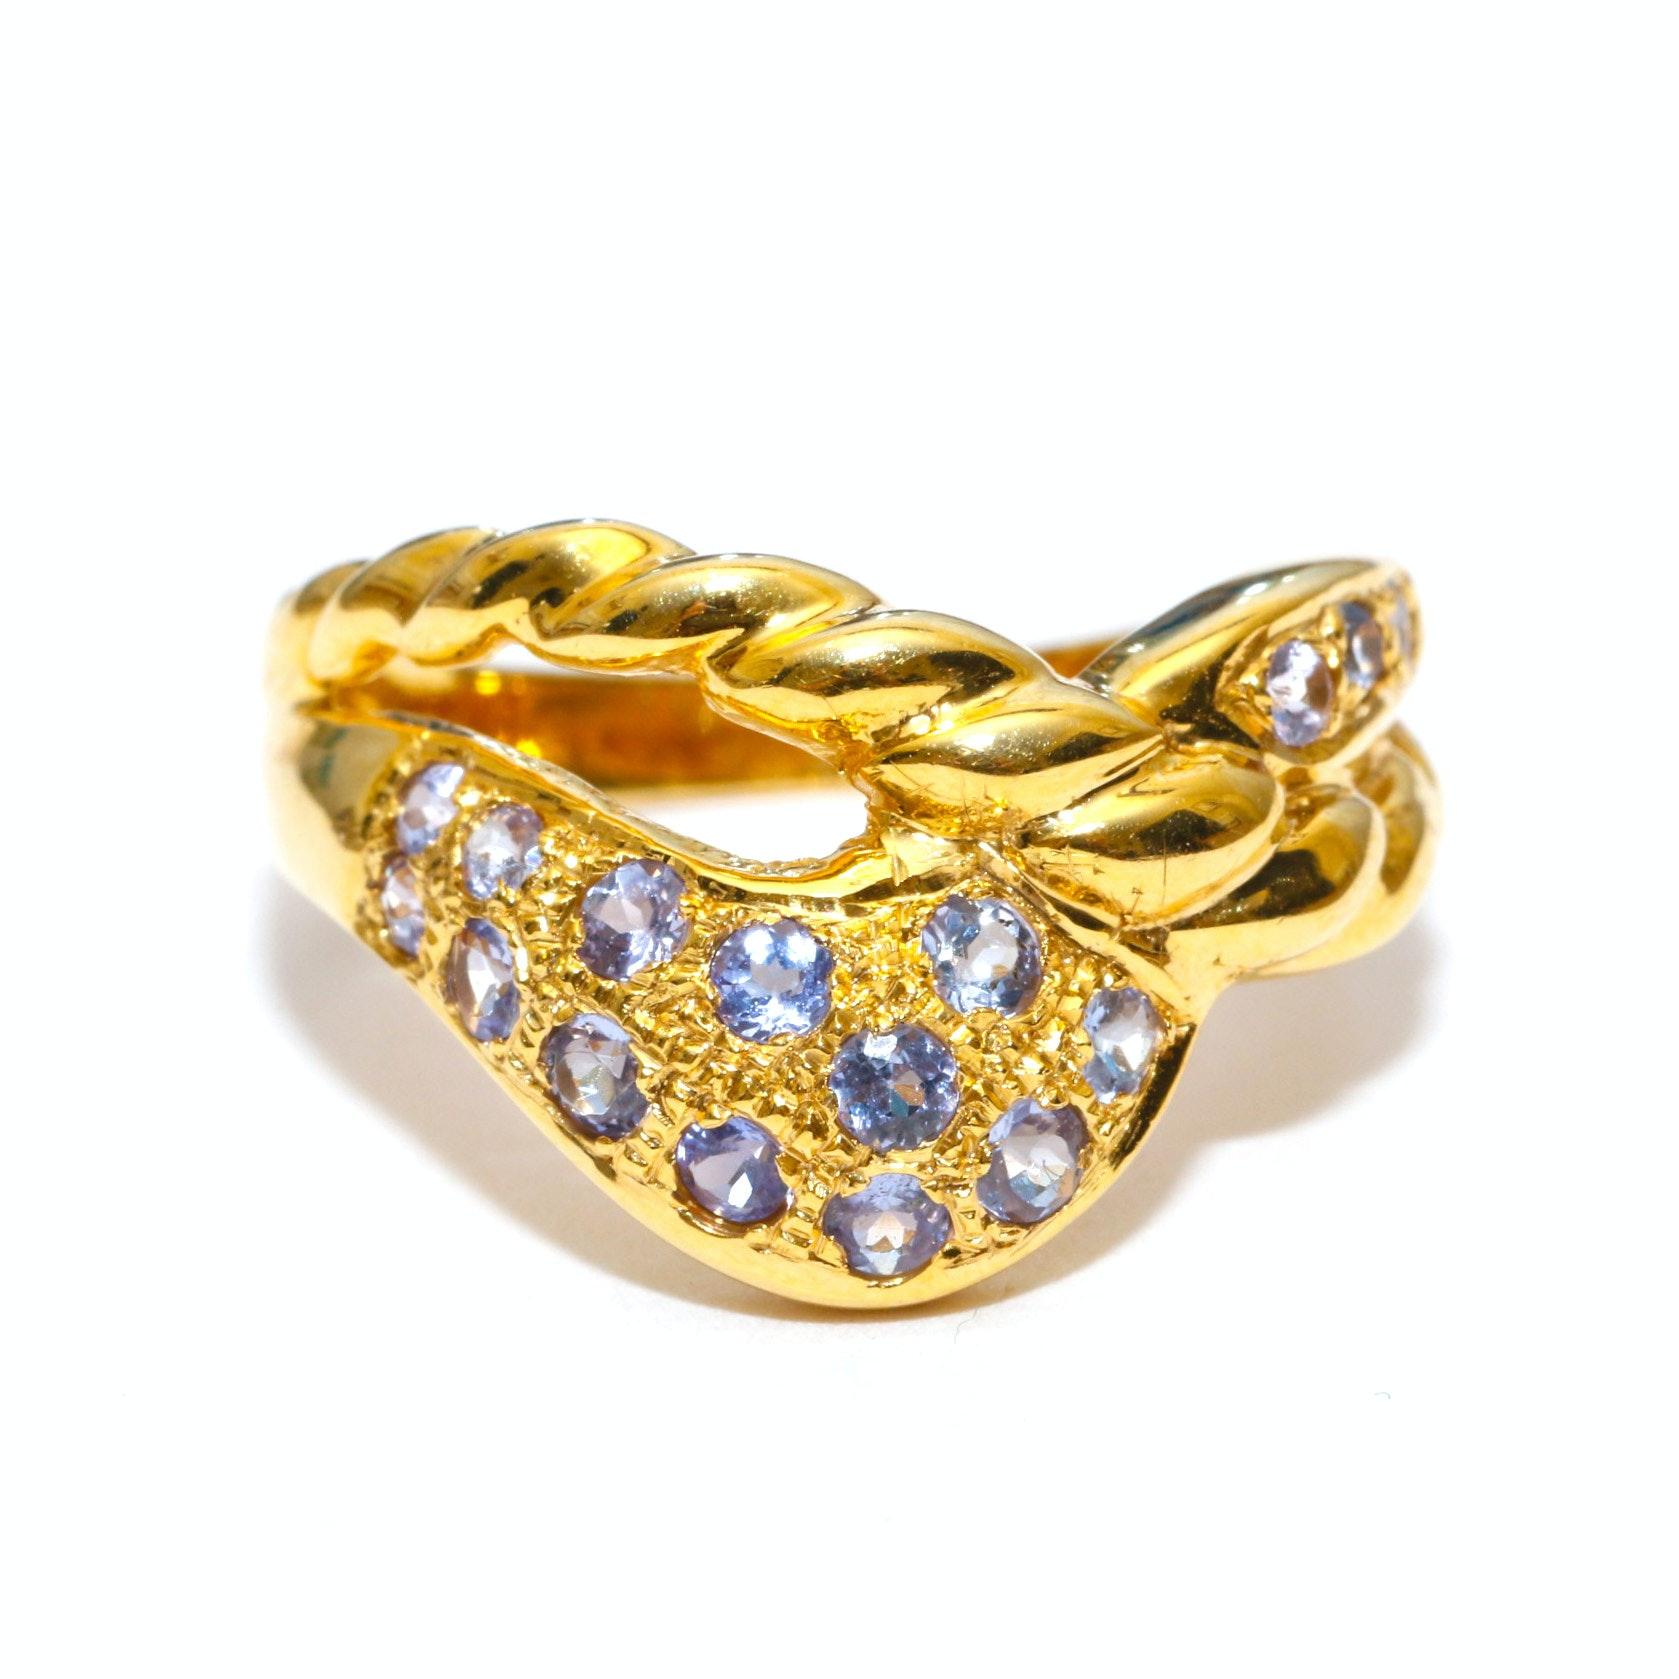 14K Yellow Gold Tanzanite Openwork Ring